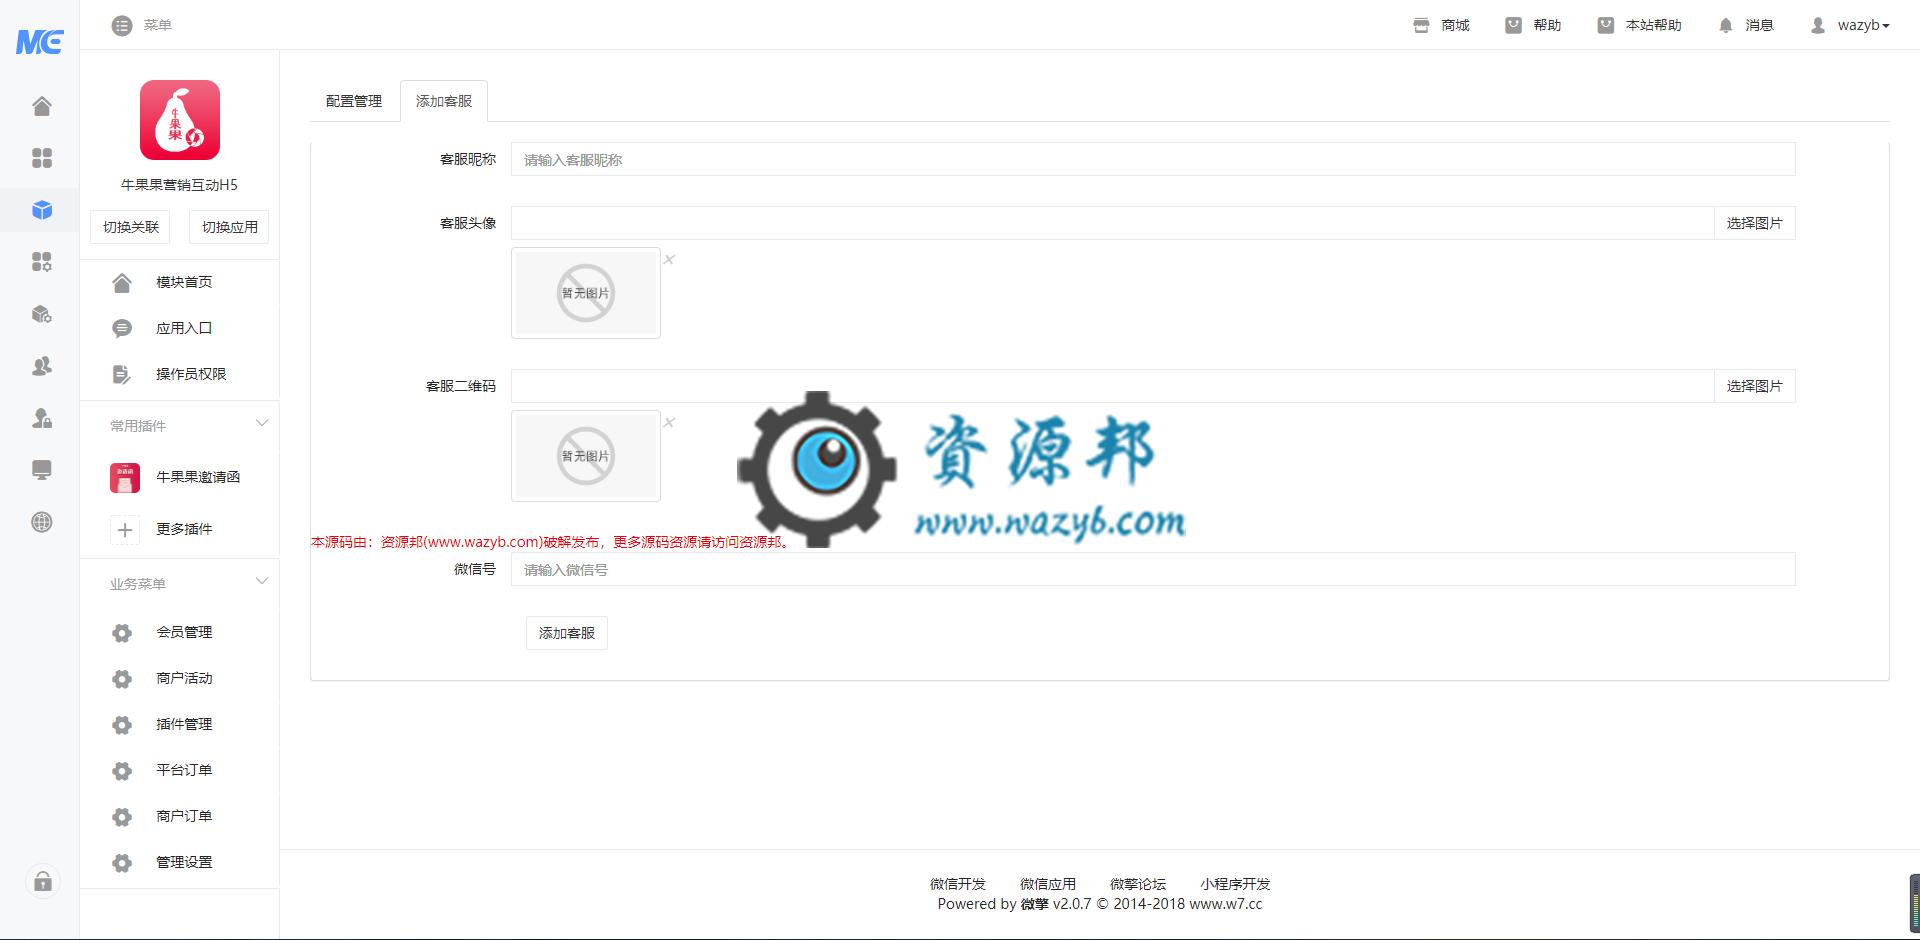 【公众号应用】牛果果营销互动H5应用V1.0.18全开源解密版+牛果果邀请函插件,优化后台删除活动,优化部分数据库字段 公众号应用 第3张